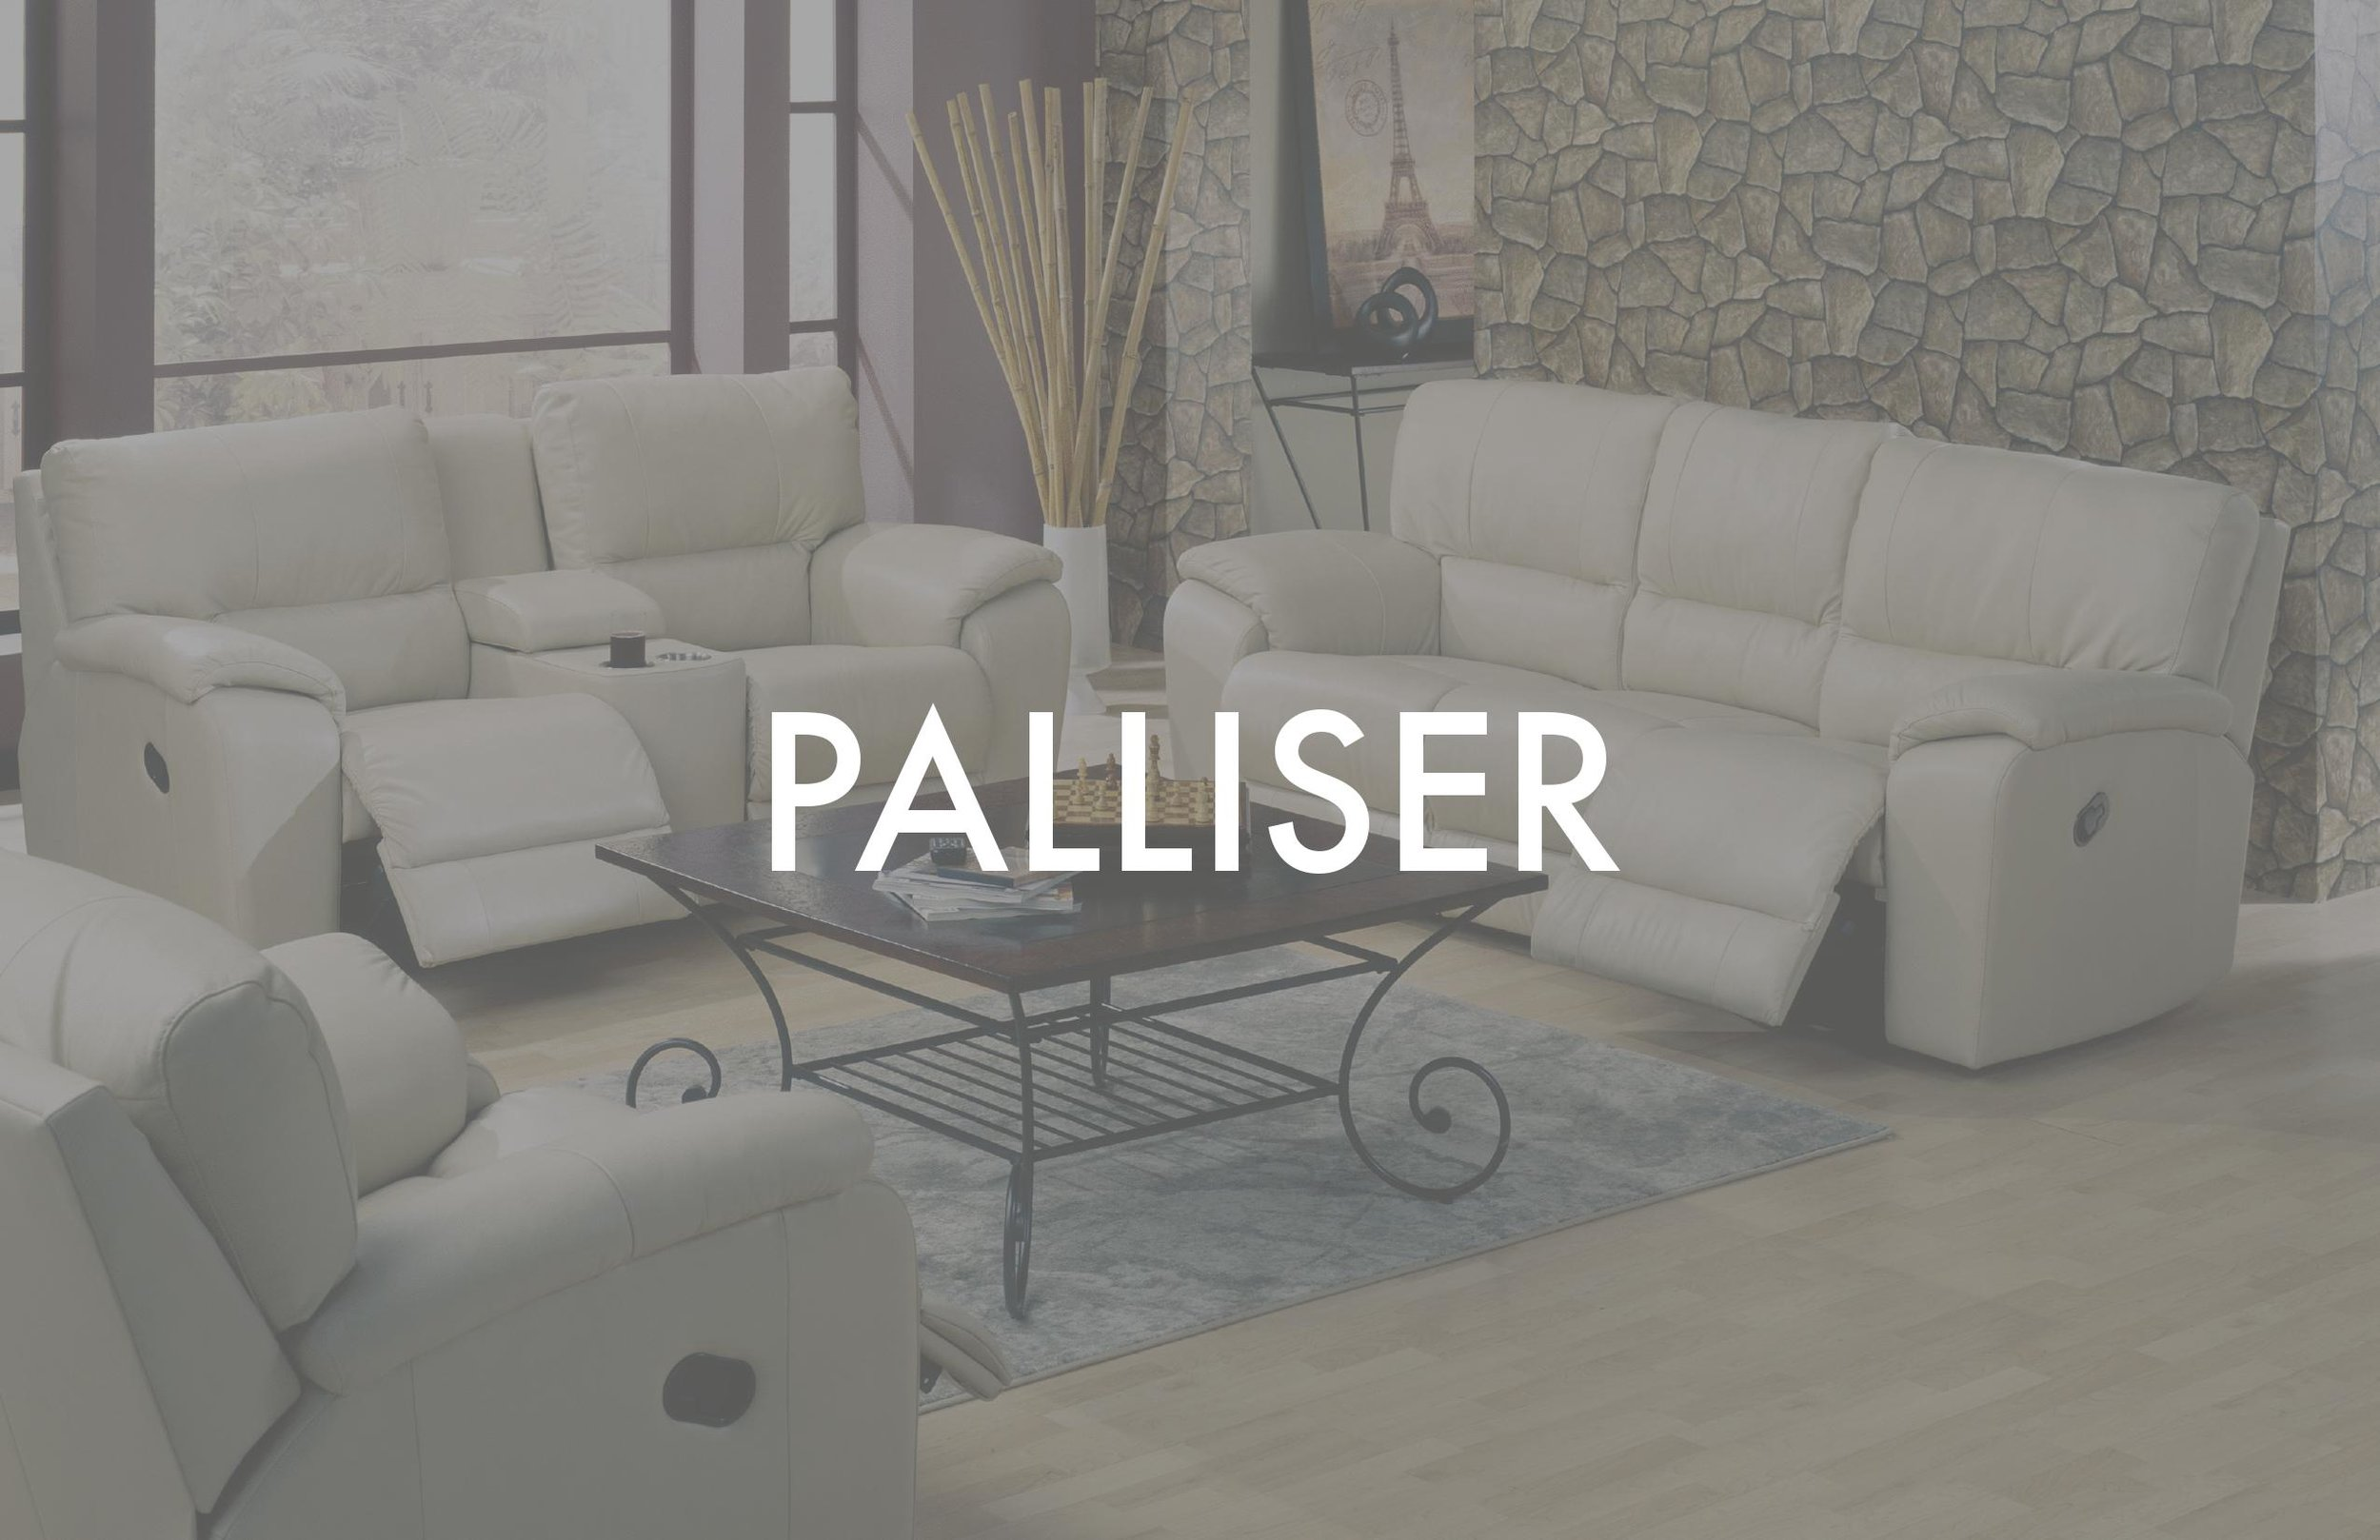 PALLISER_000001.jpg